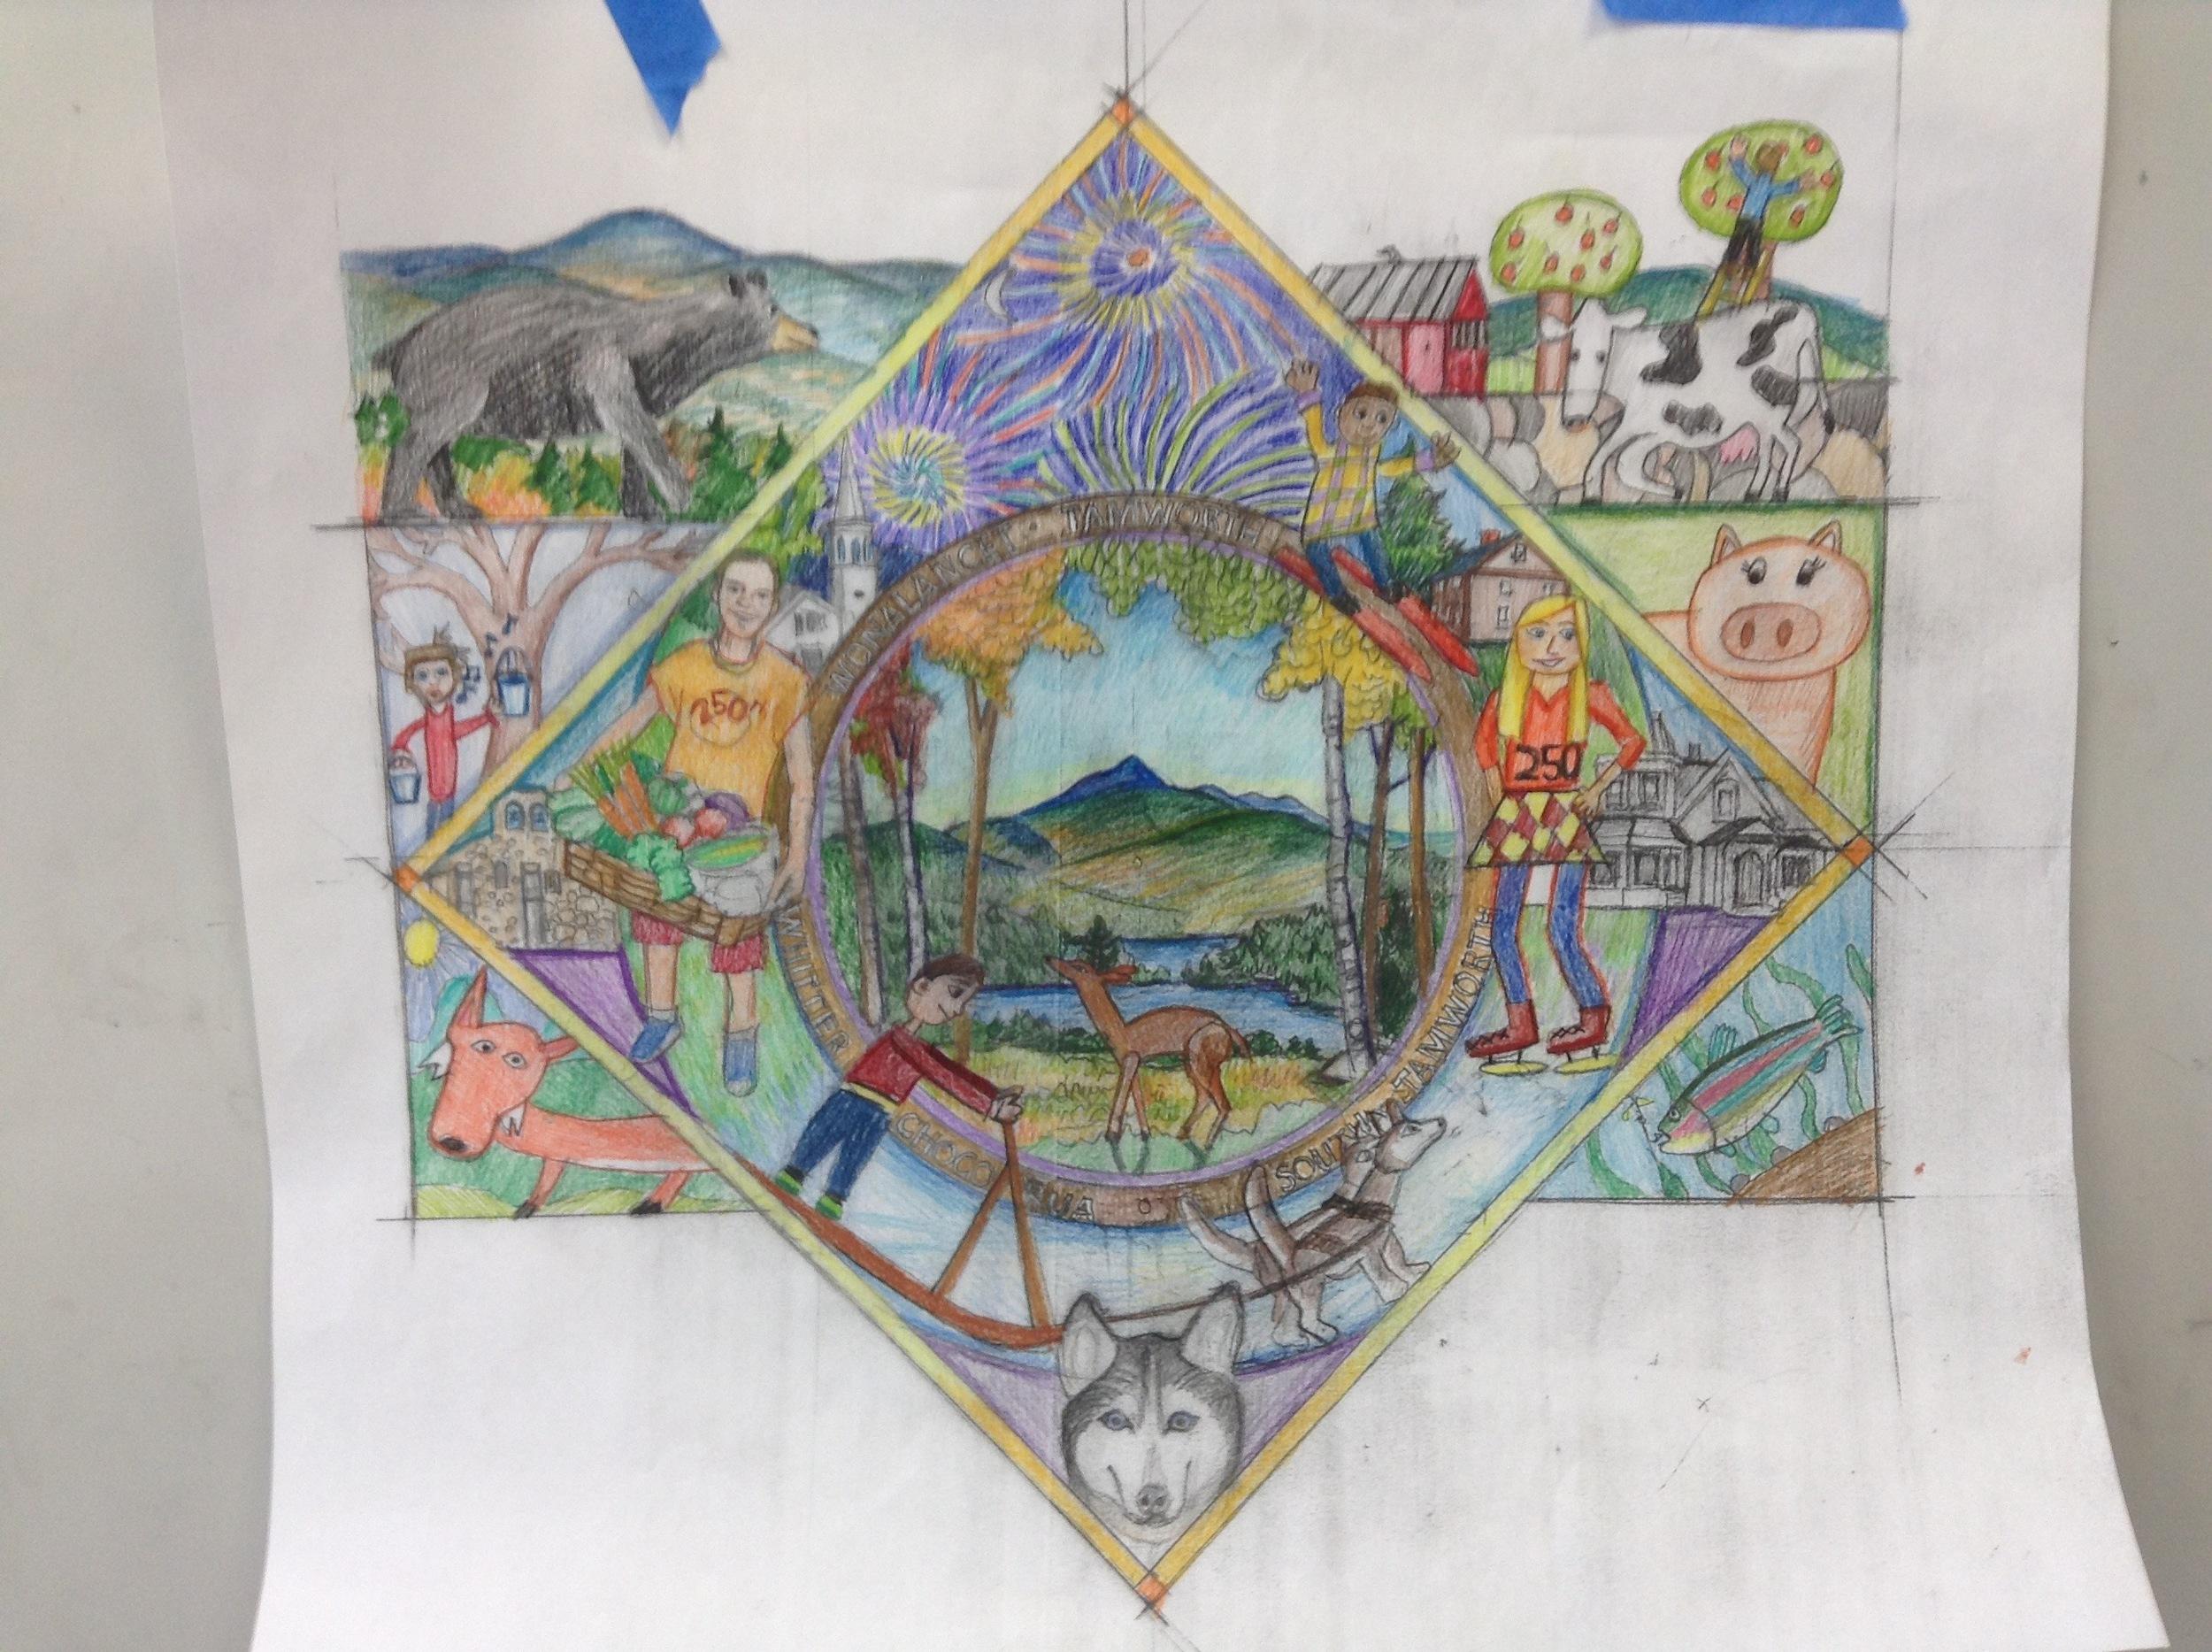 Mosaic Design #1